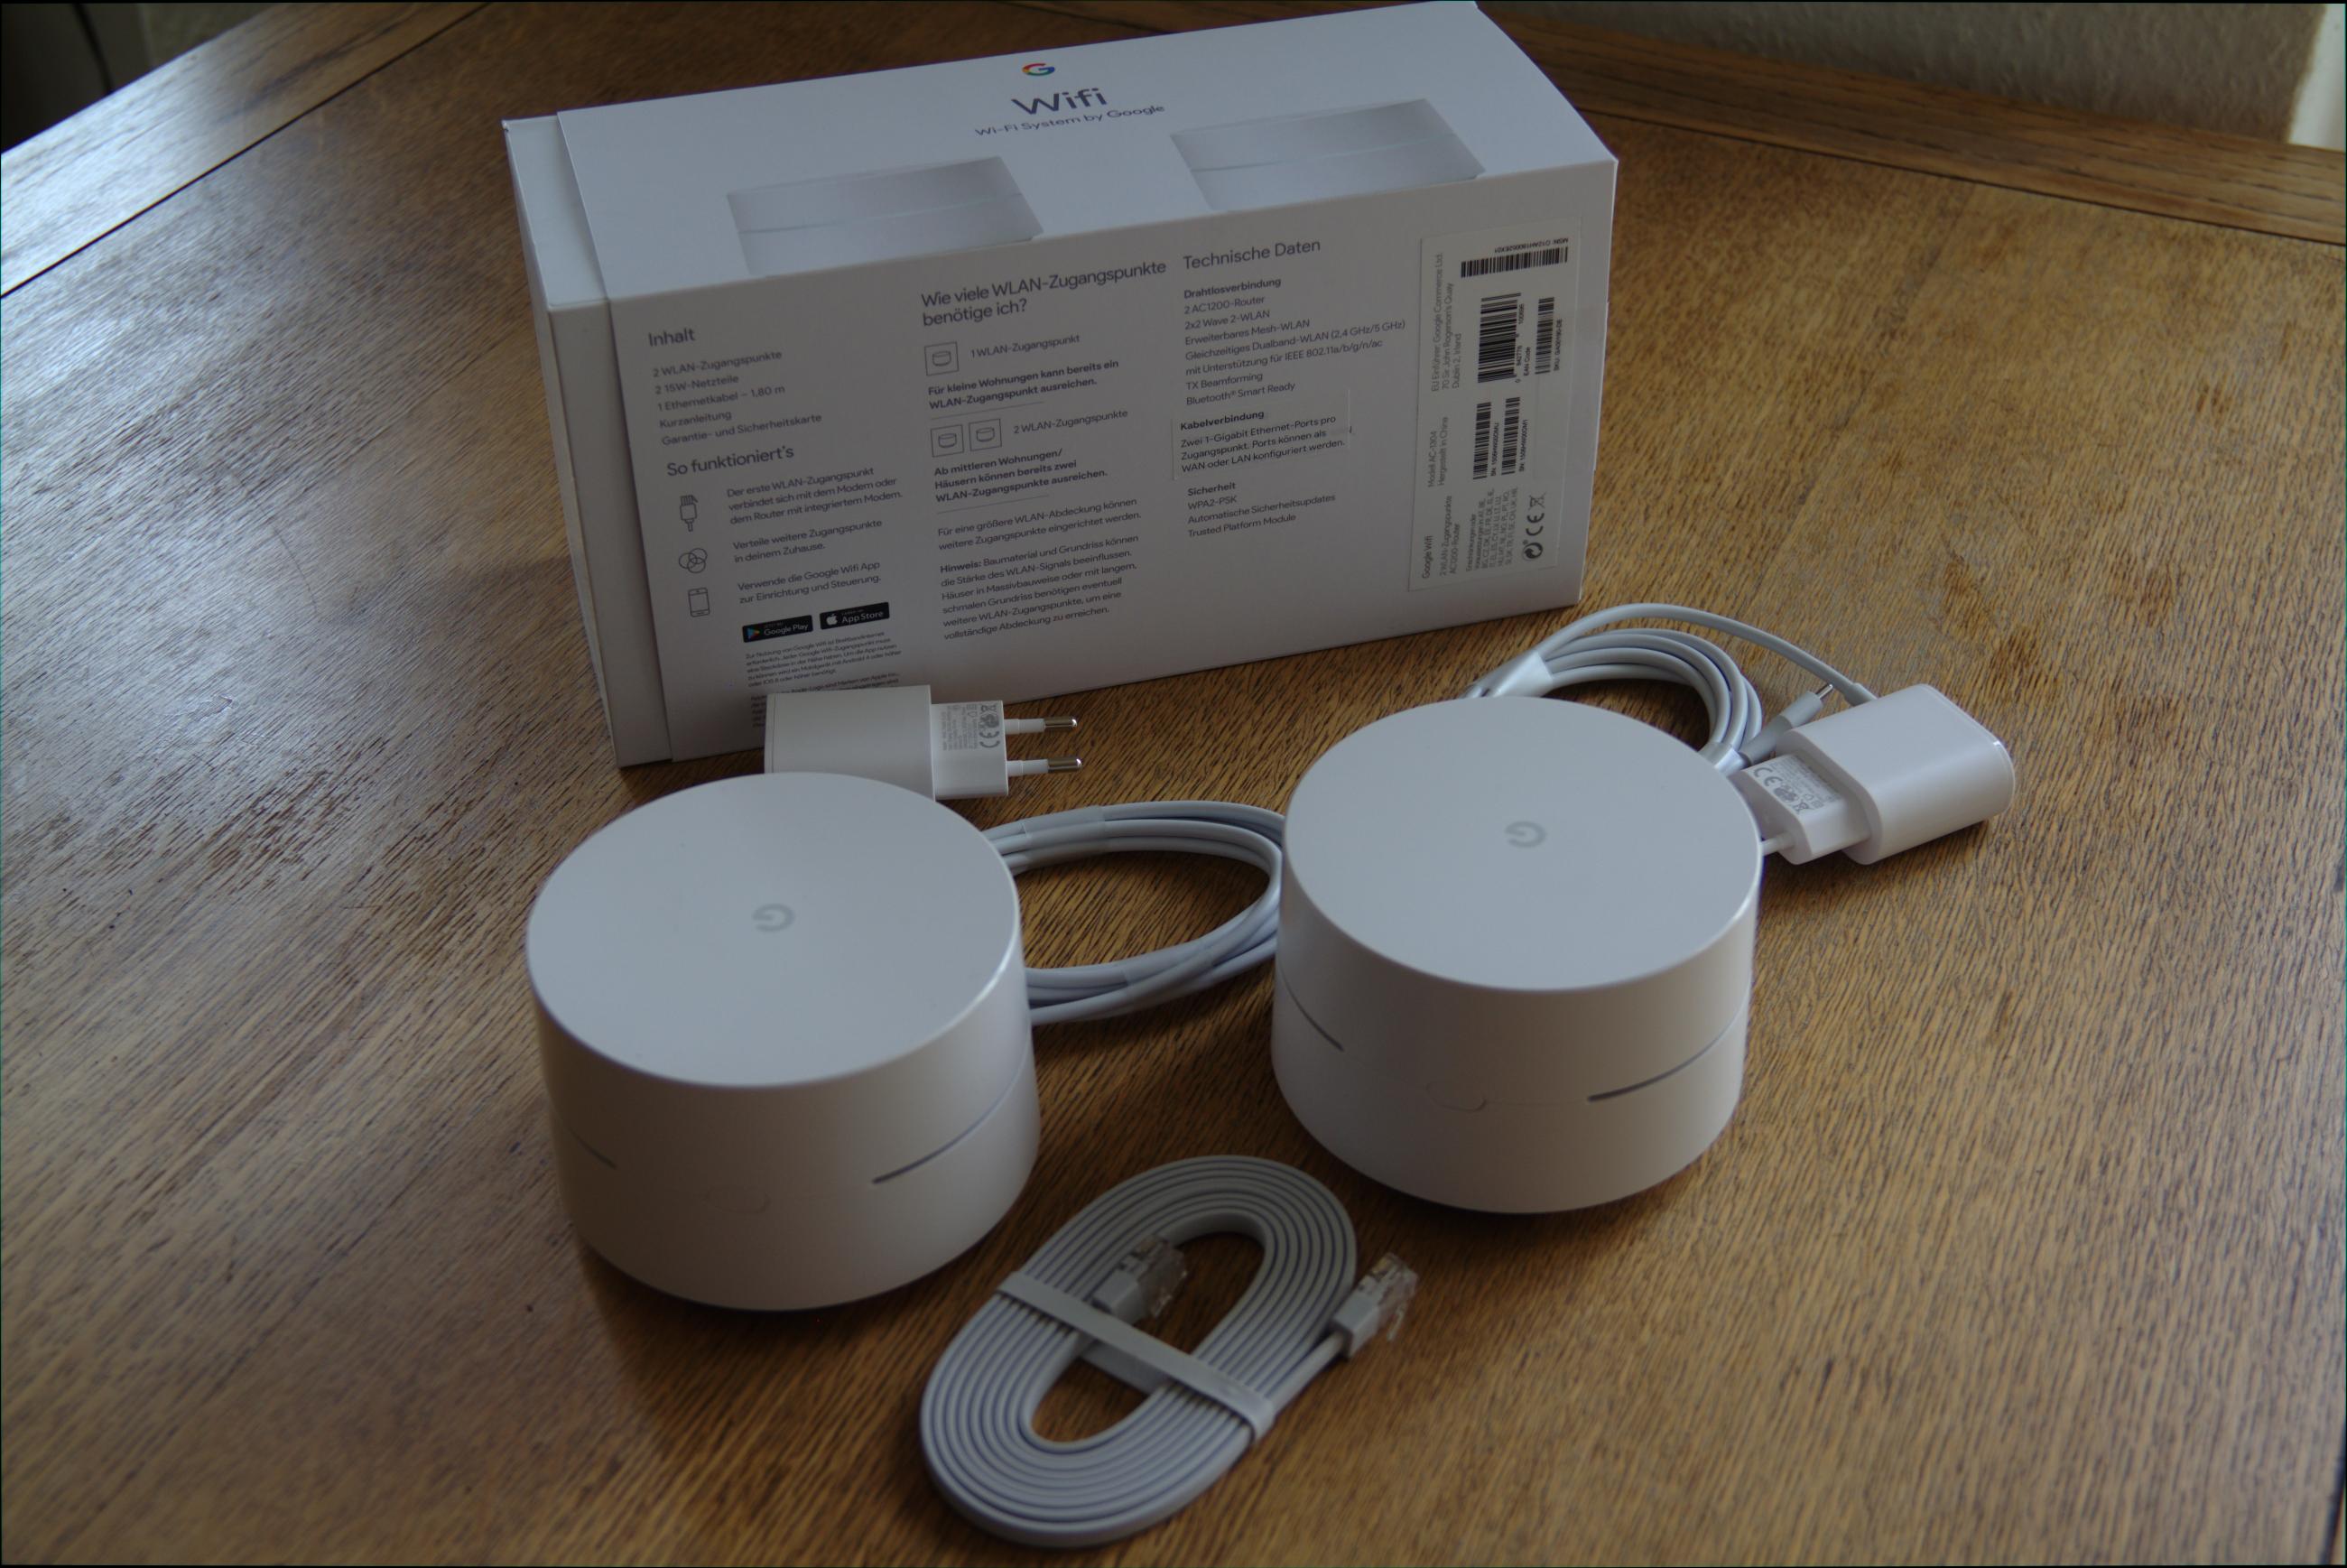 Google Wifi im Test: Google mischt mit im Mesh - Google Wifi gibt es im Einer- oder Zweier-Pack (Google/Foto: Golem.de)